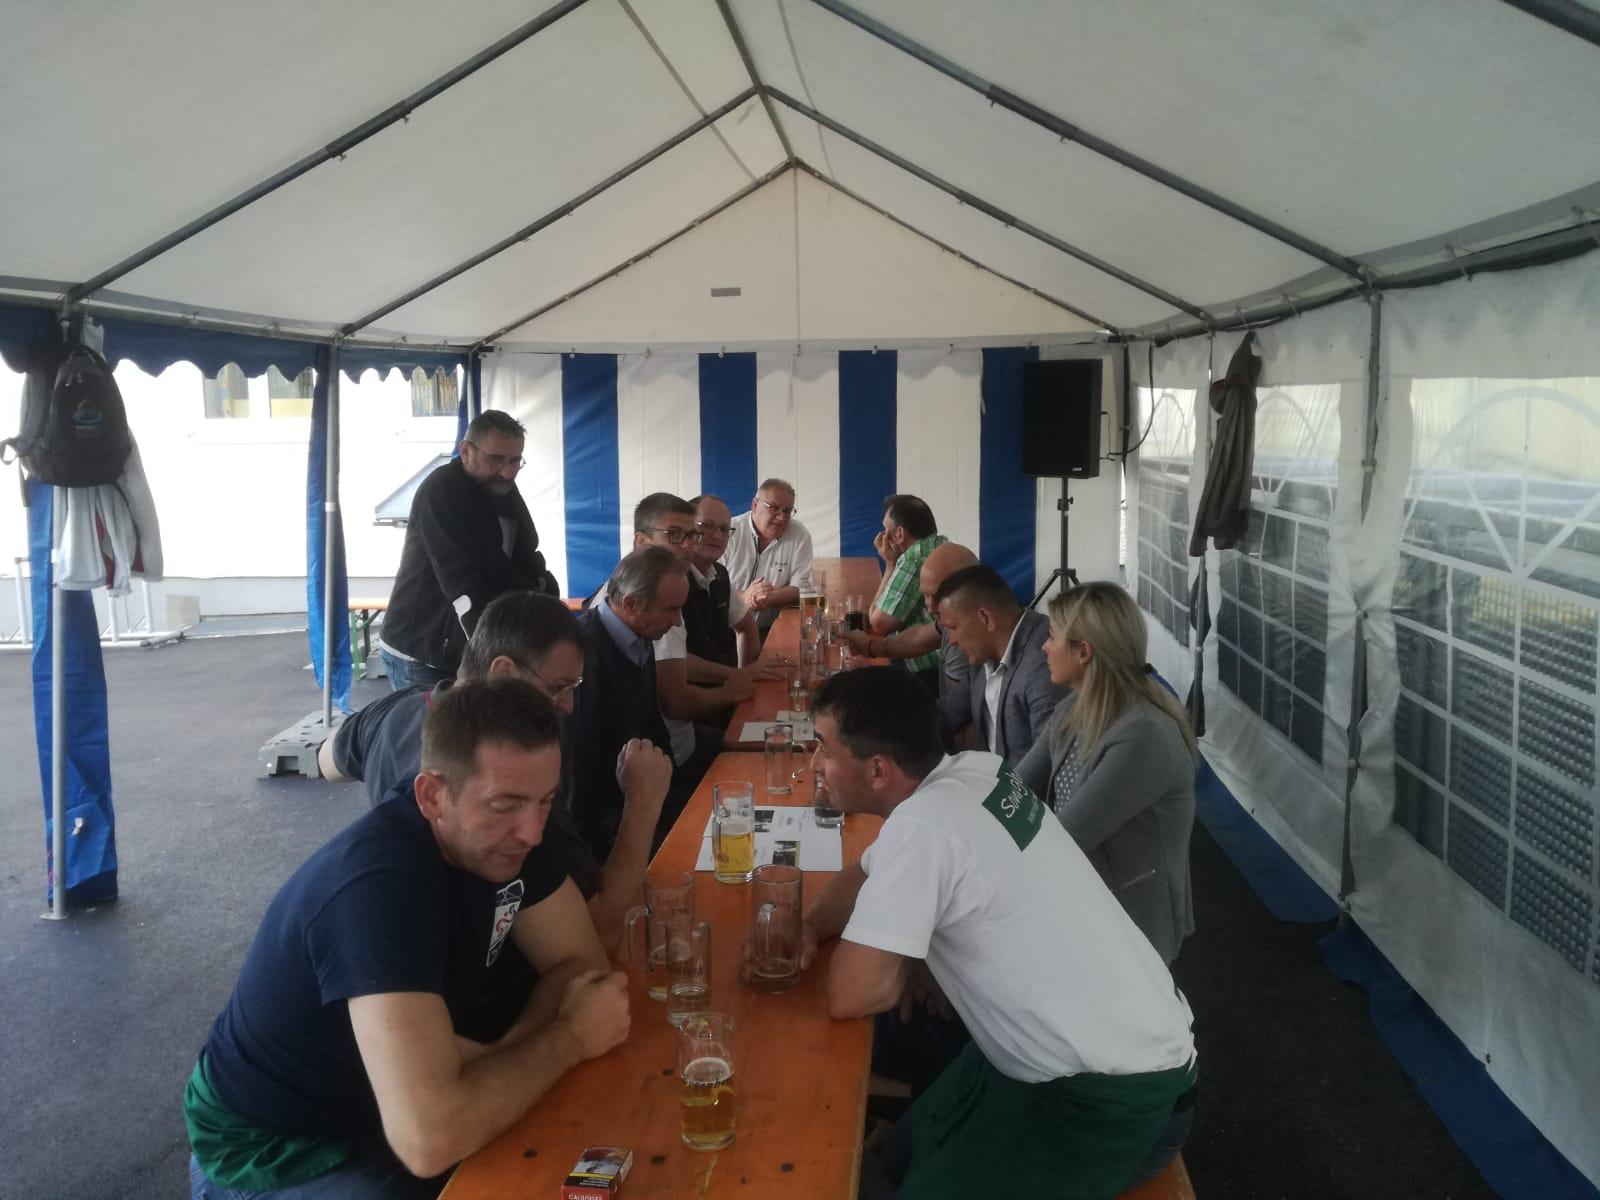 Kampfrichtertreffen am Samstag 30. Juni in Kirchham